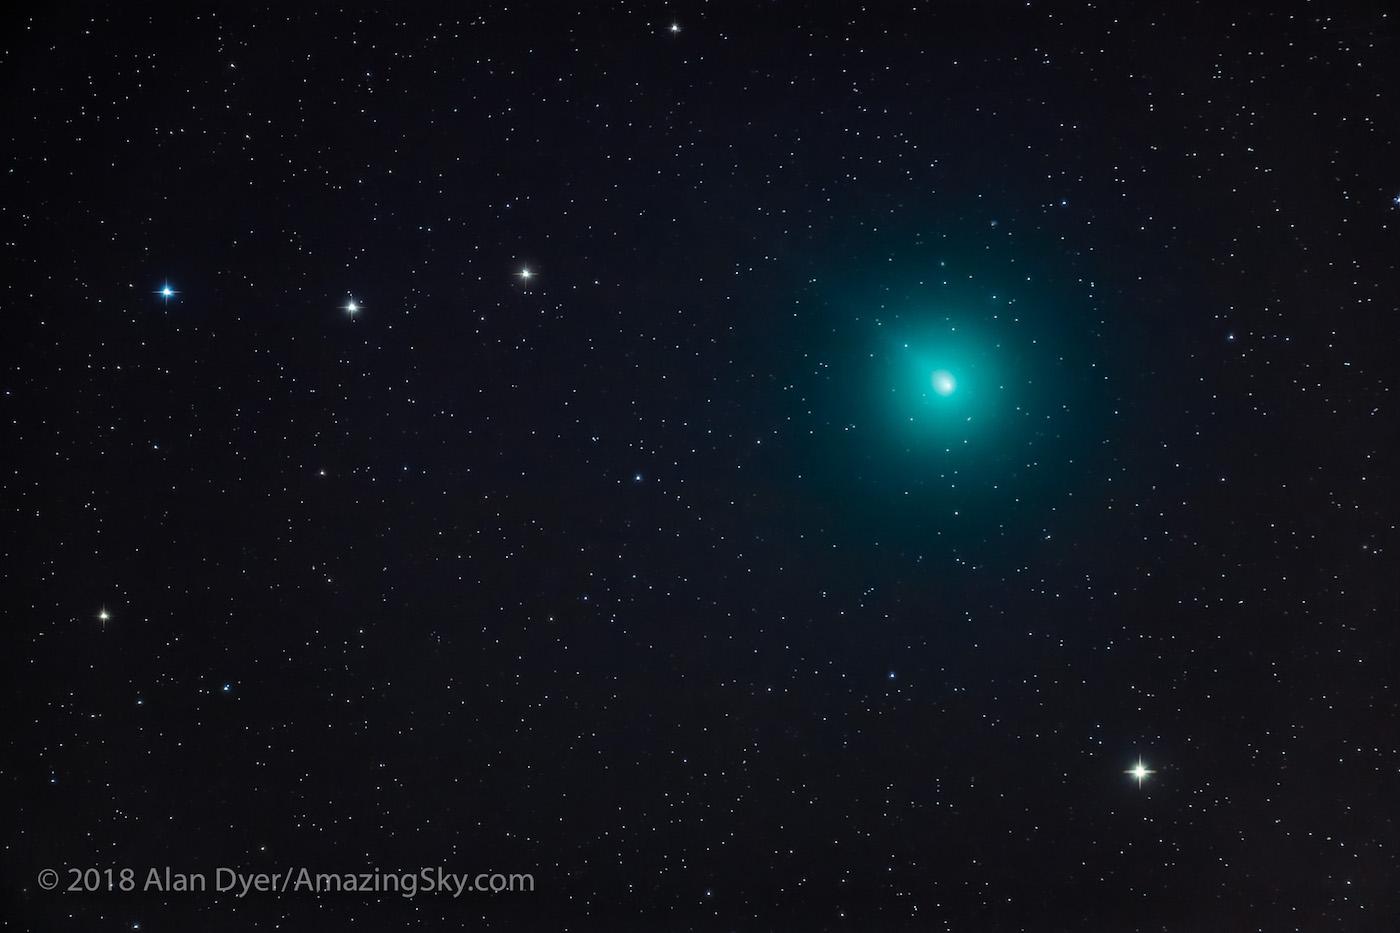 Imagen del Cometa 46P/Wirtanen tomada desde Alberta, Canadá